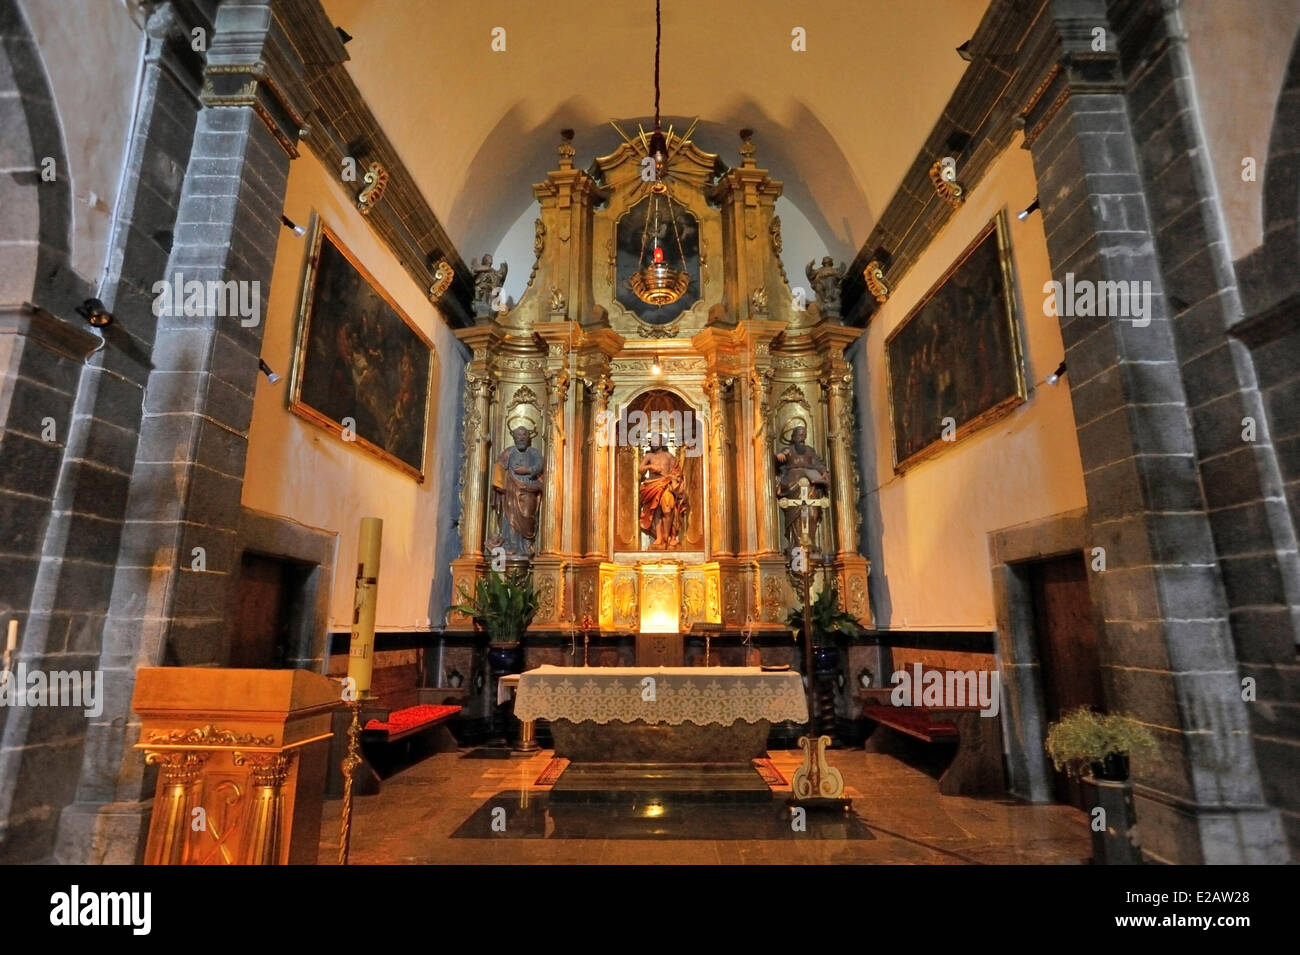 Spain, Balearic Islands, Mallorca, Deia, altar of the church - Stock Image